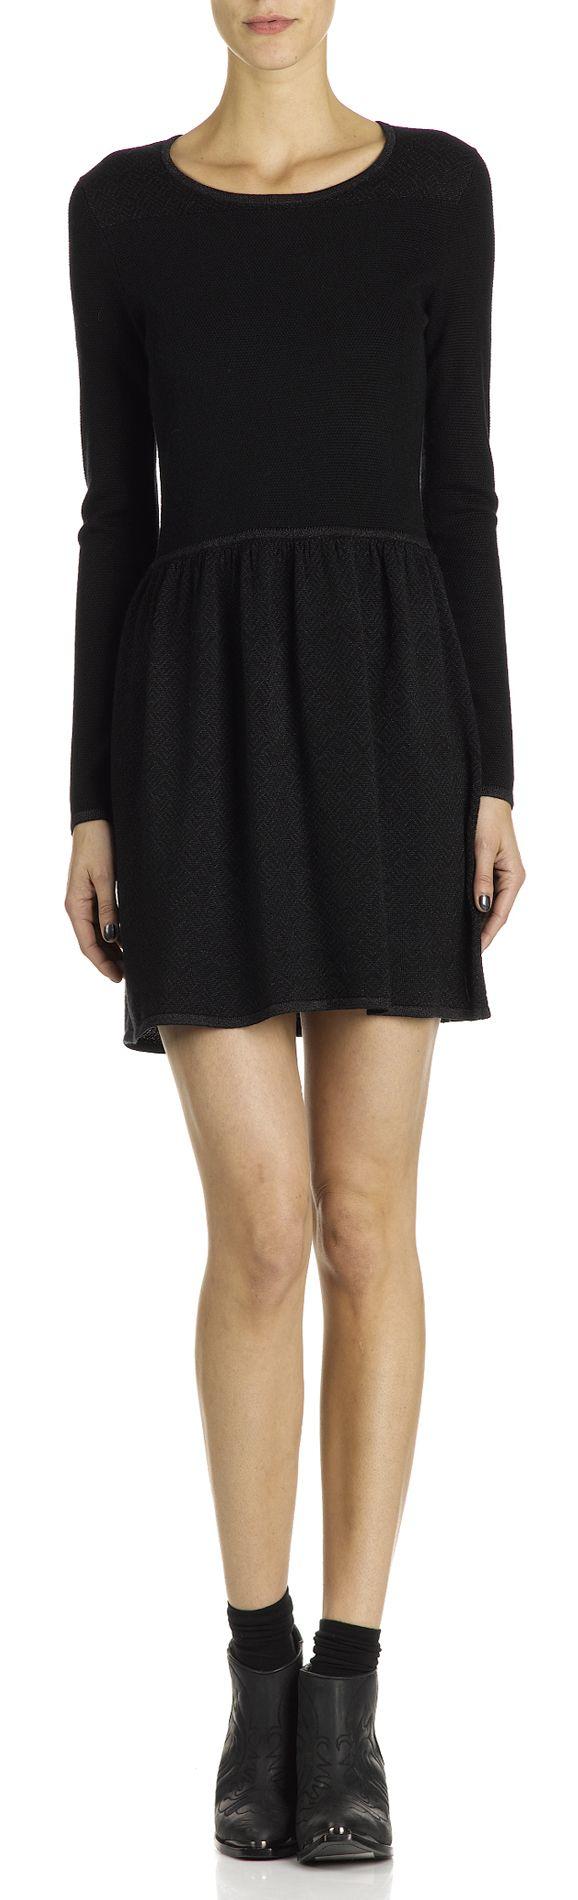 robe en maille noir des petits hauts femme boutique en ligne des petits hauts collection. Black Bedroom Furniture Sets. Home Design Ideas